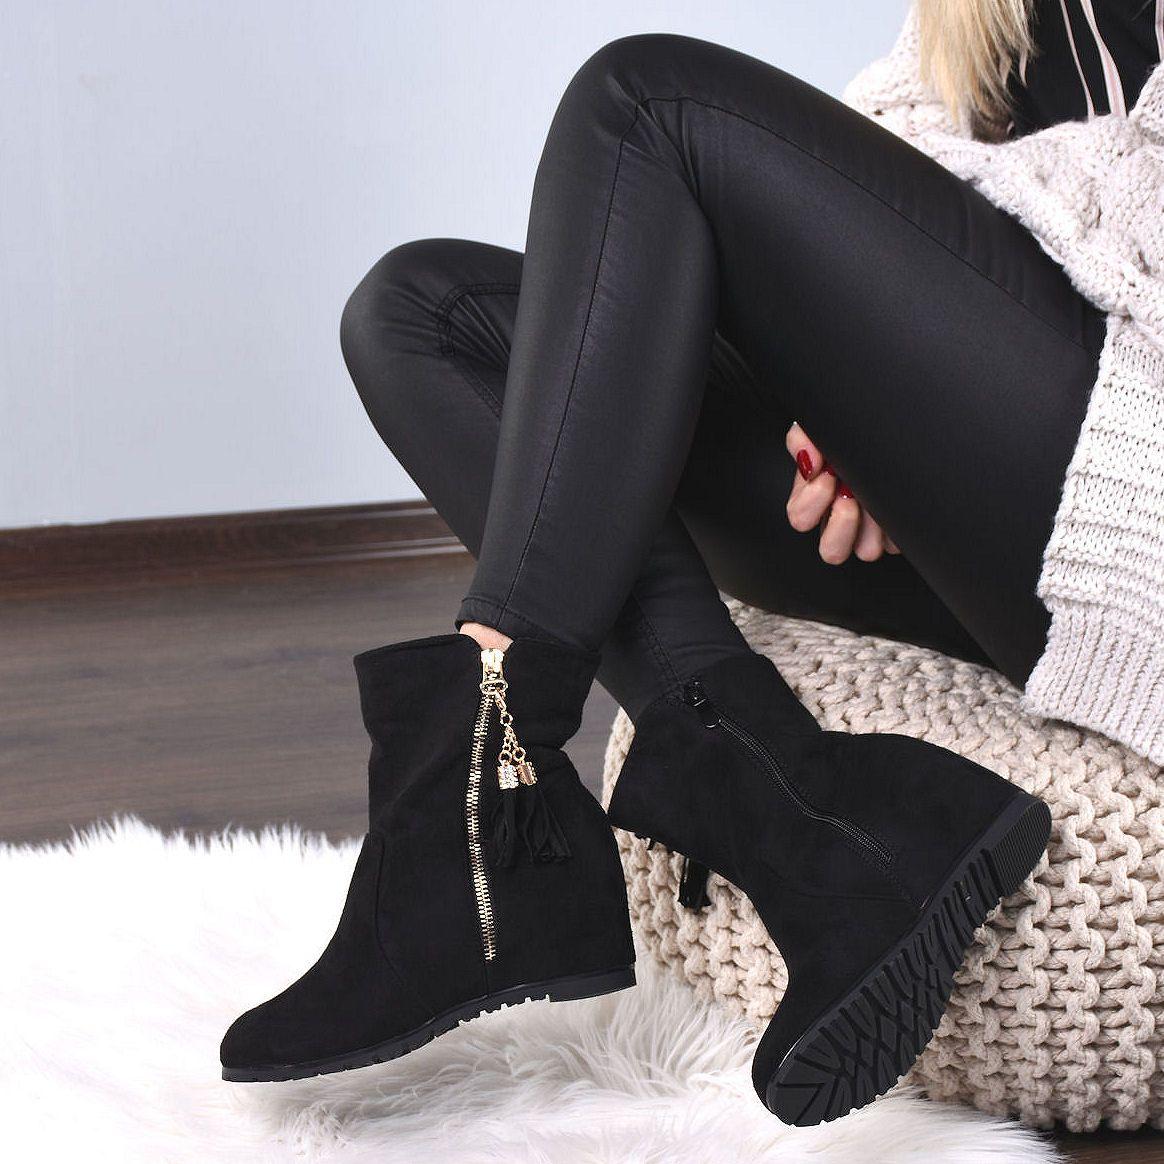 Czarne Zamszowe Botki Ukryty Koturn Fredzle 7973 Boots Fashion Winter Boot